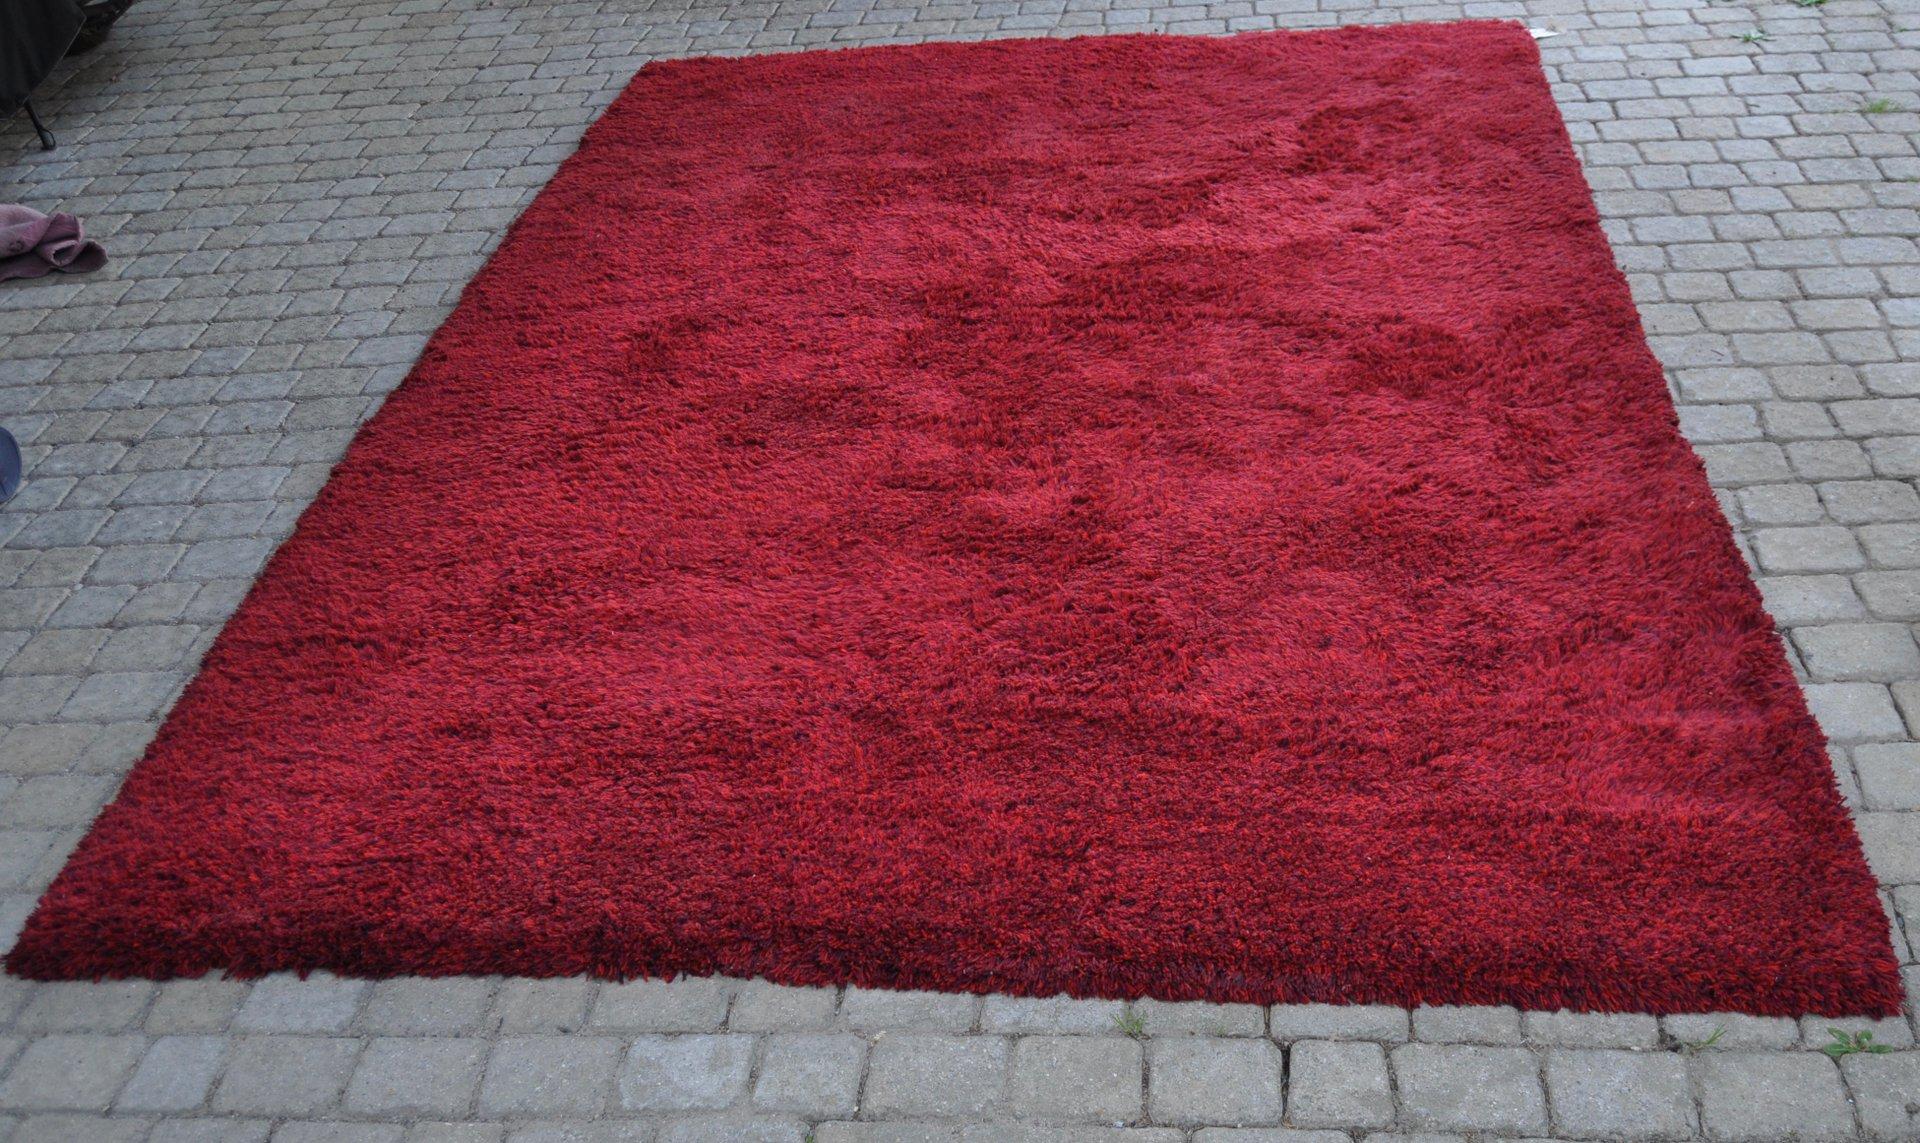 tapis vintage fait main en laine rouge de tisca 1980s en vente sur pamono. Black Bedroom Furniture Sets. Home Design Ideas